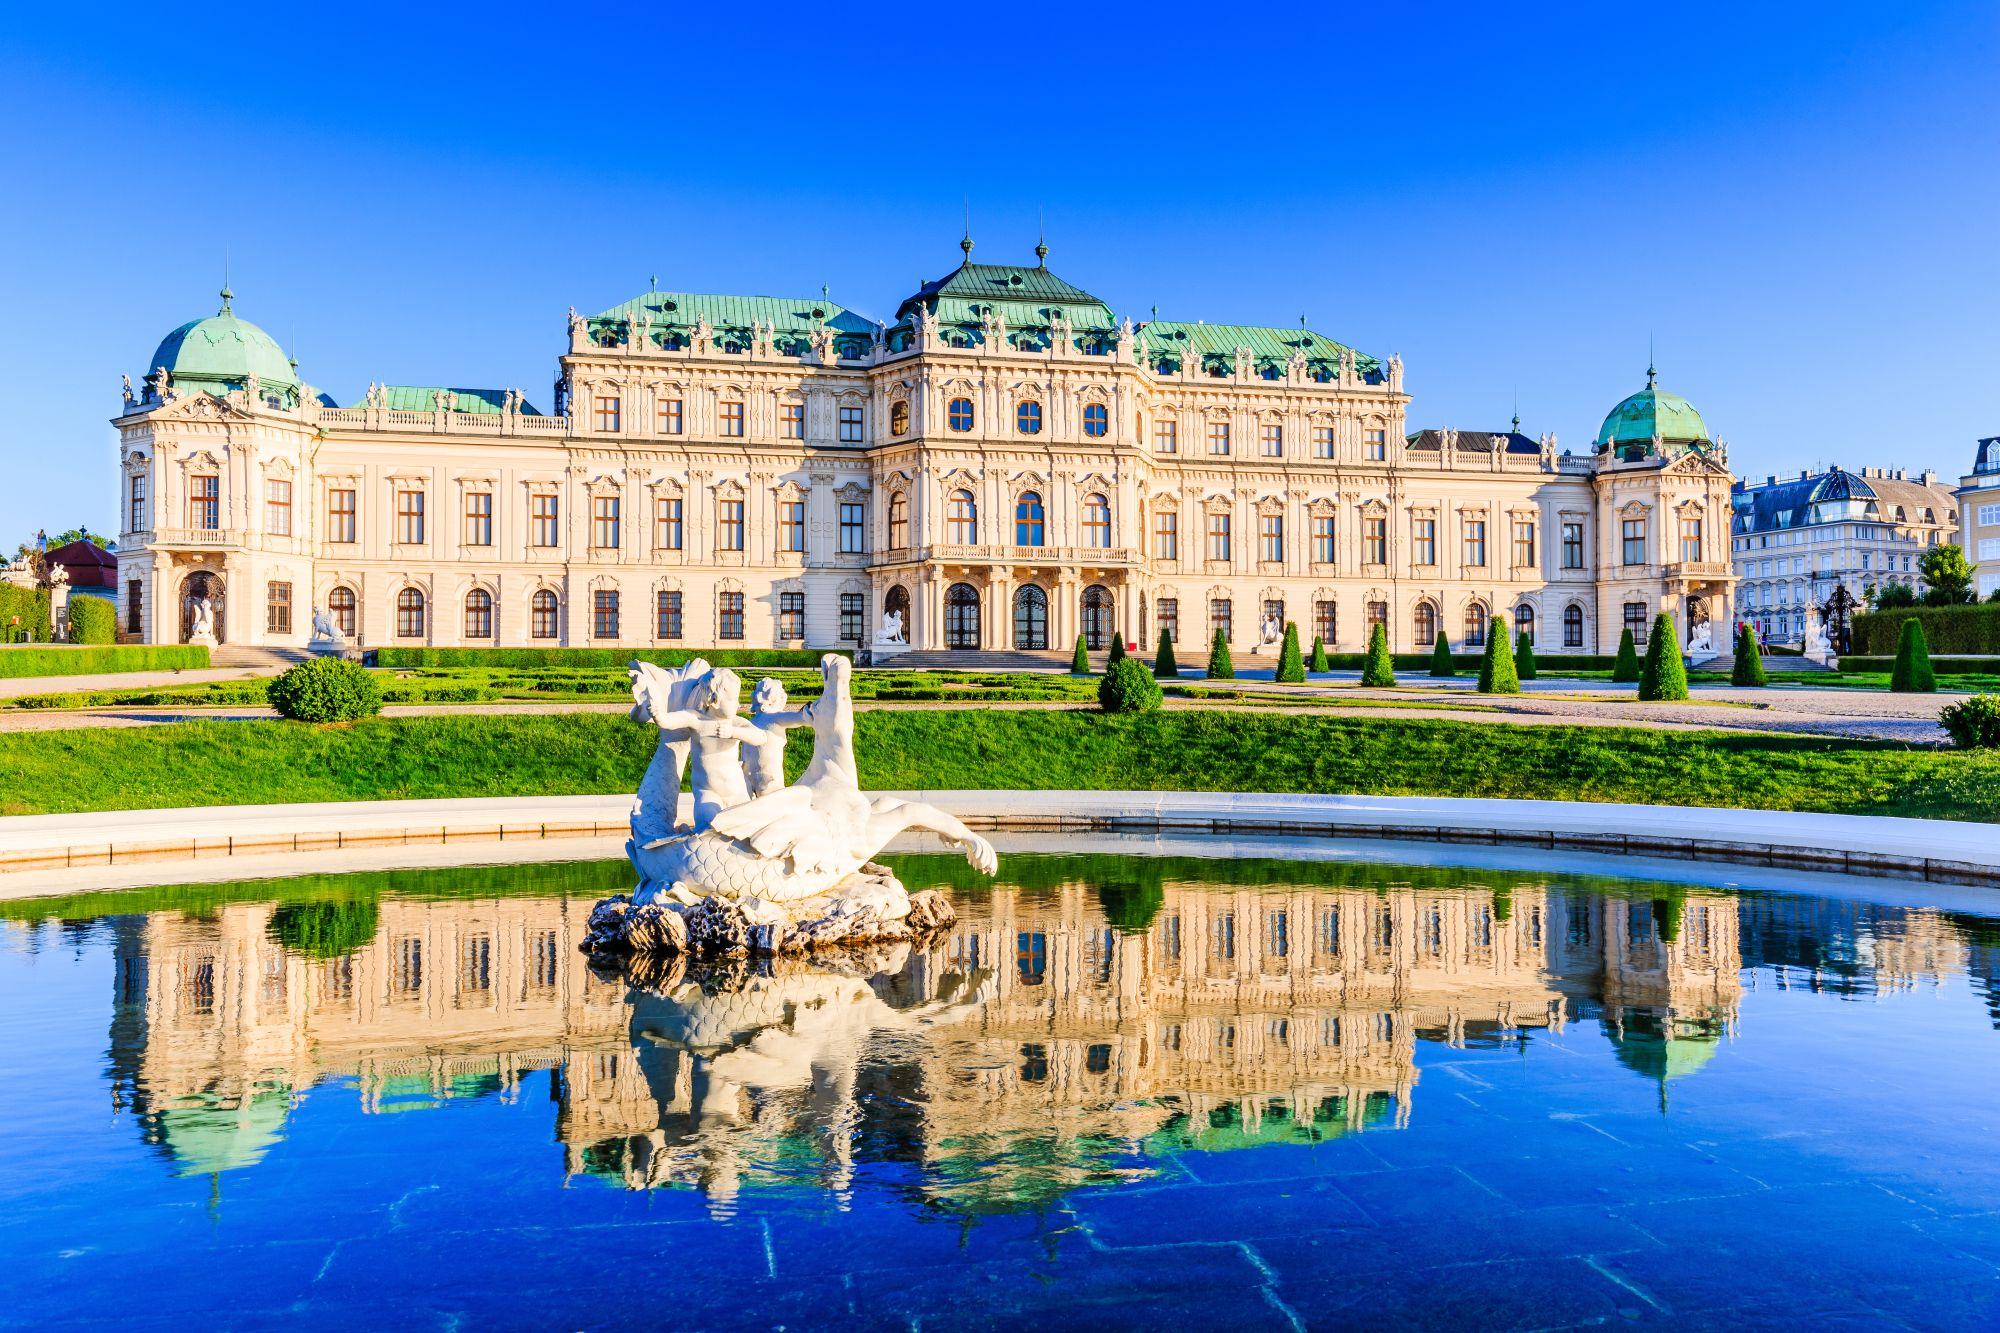 Wiedeń widok pałacu